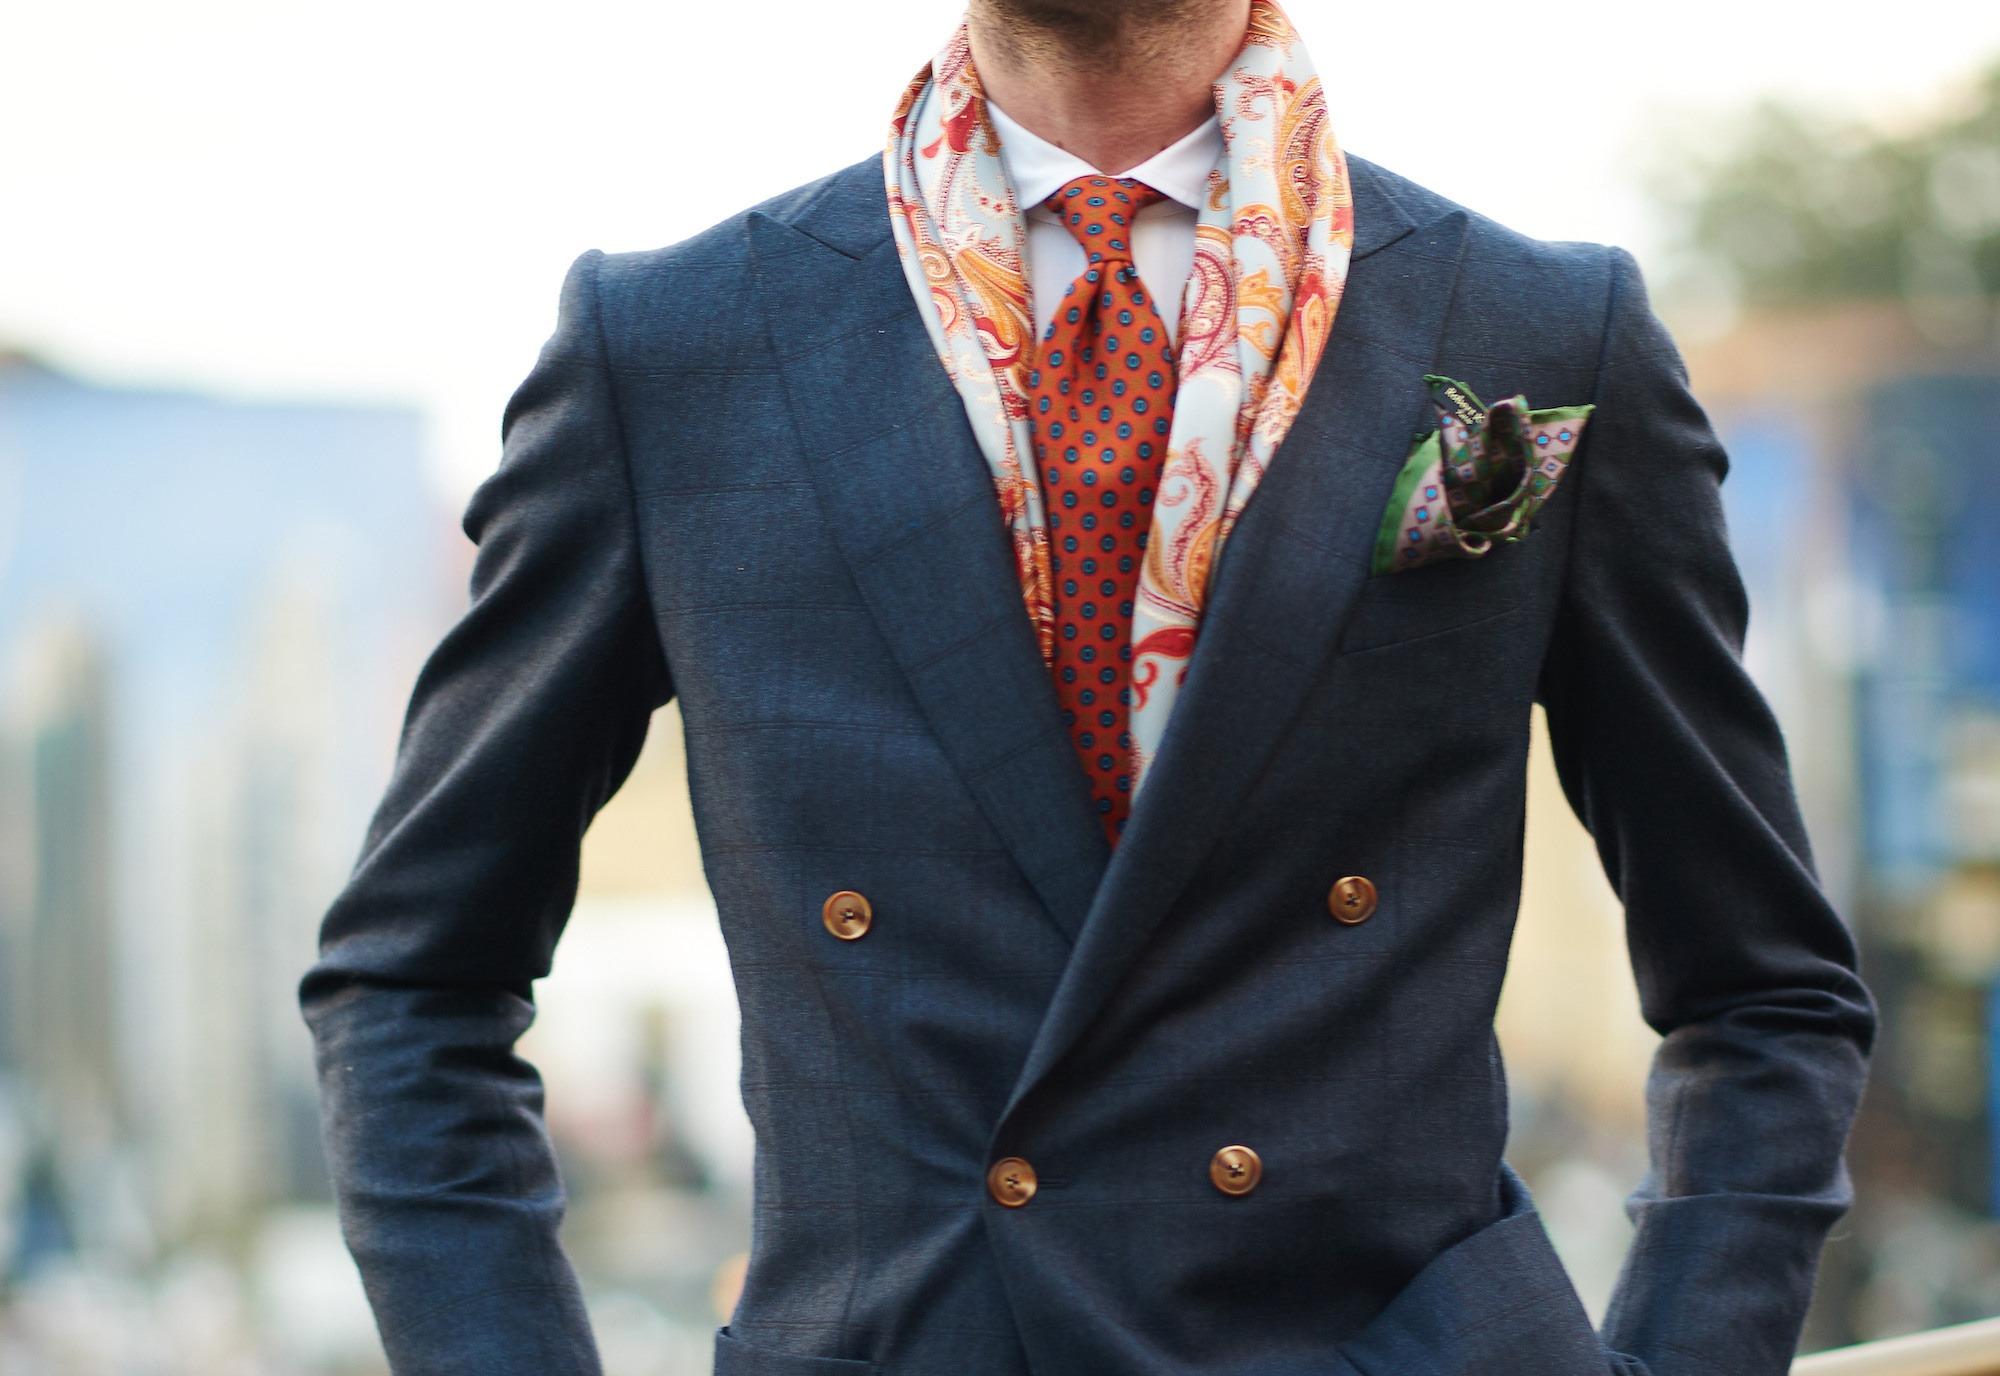 Comment porter sa veste croisée ? La classique chemise - Cravate et Étole Robert Kerr